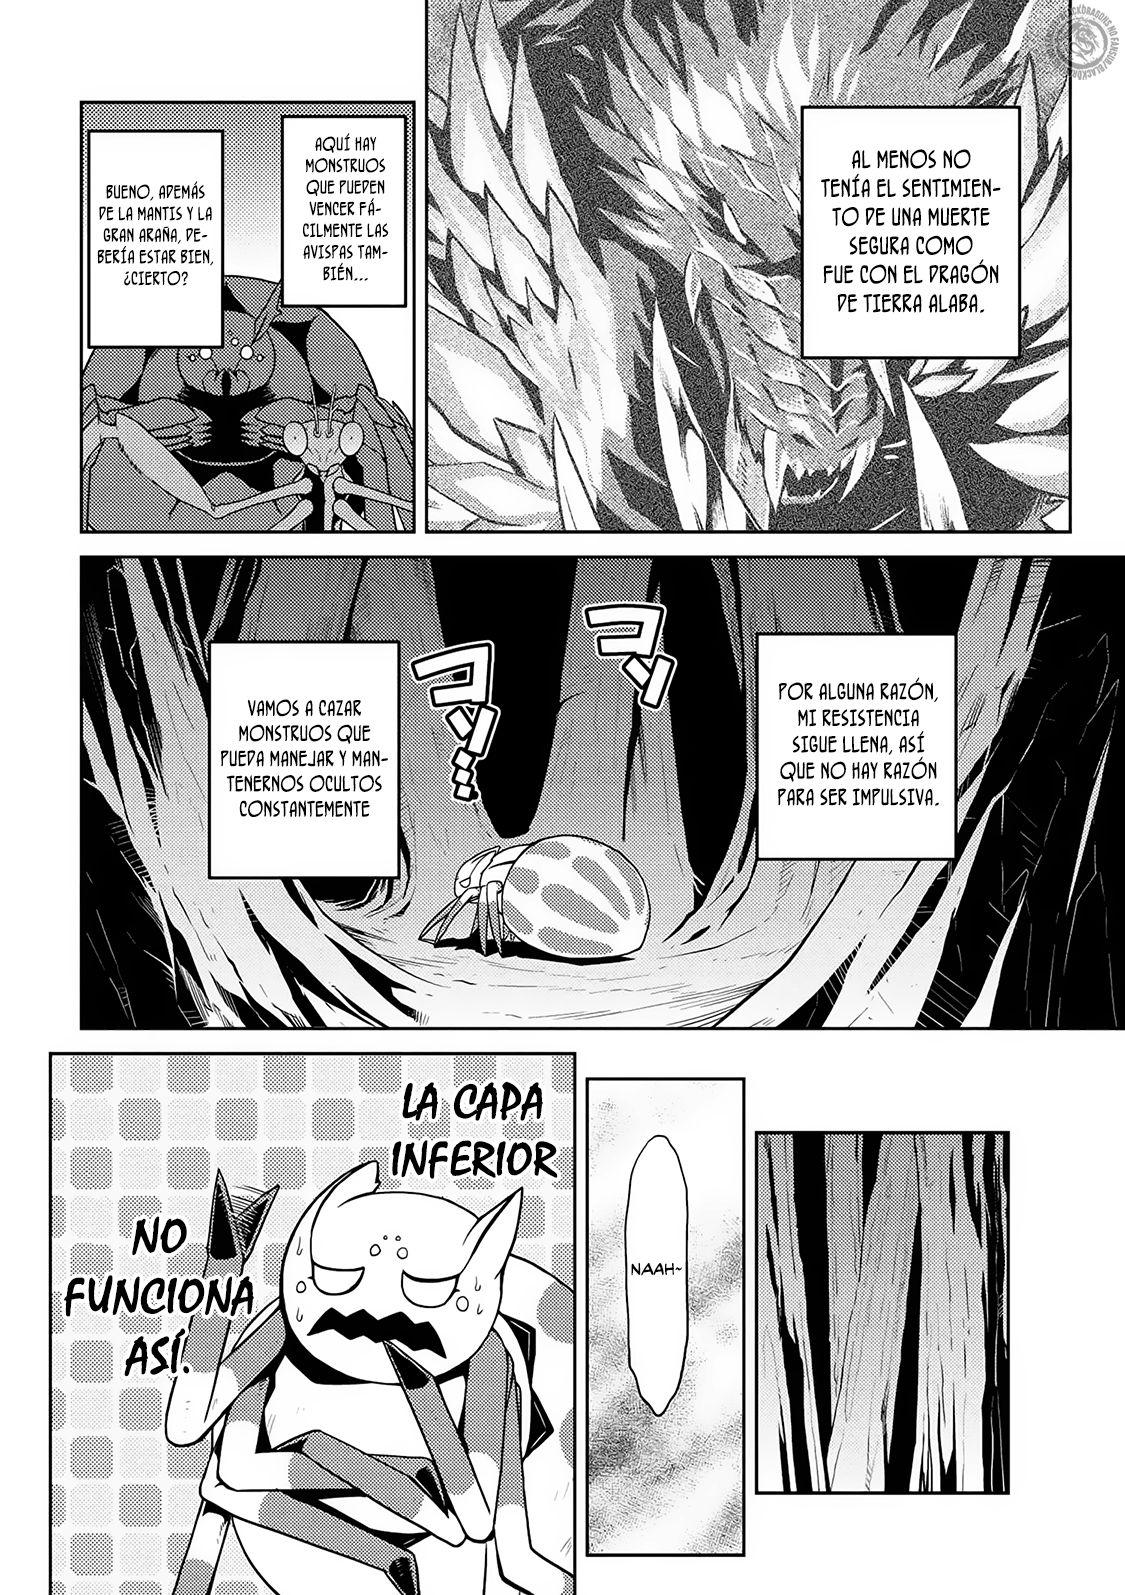 http://c5.ninemanga.com/es_manga/pic2/59/18683/508594/3d3f298f60a4333ec4c3916bf59aad87.jpg Page 4